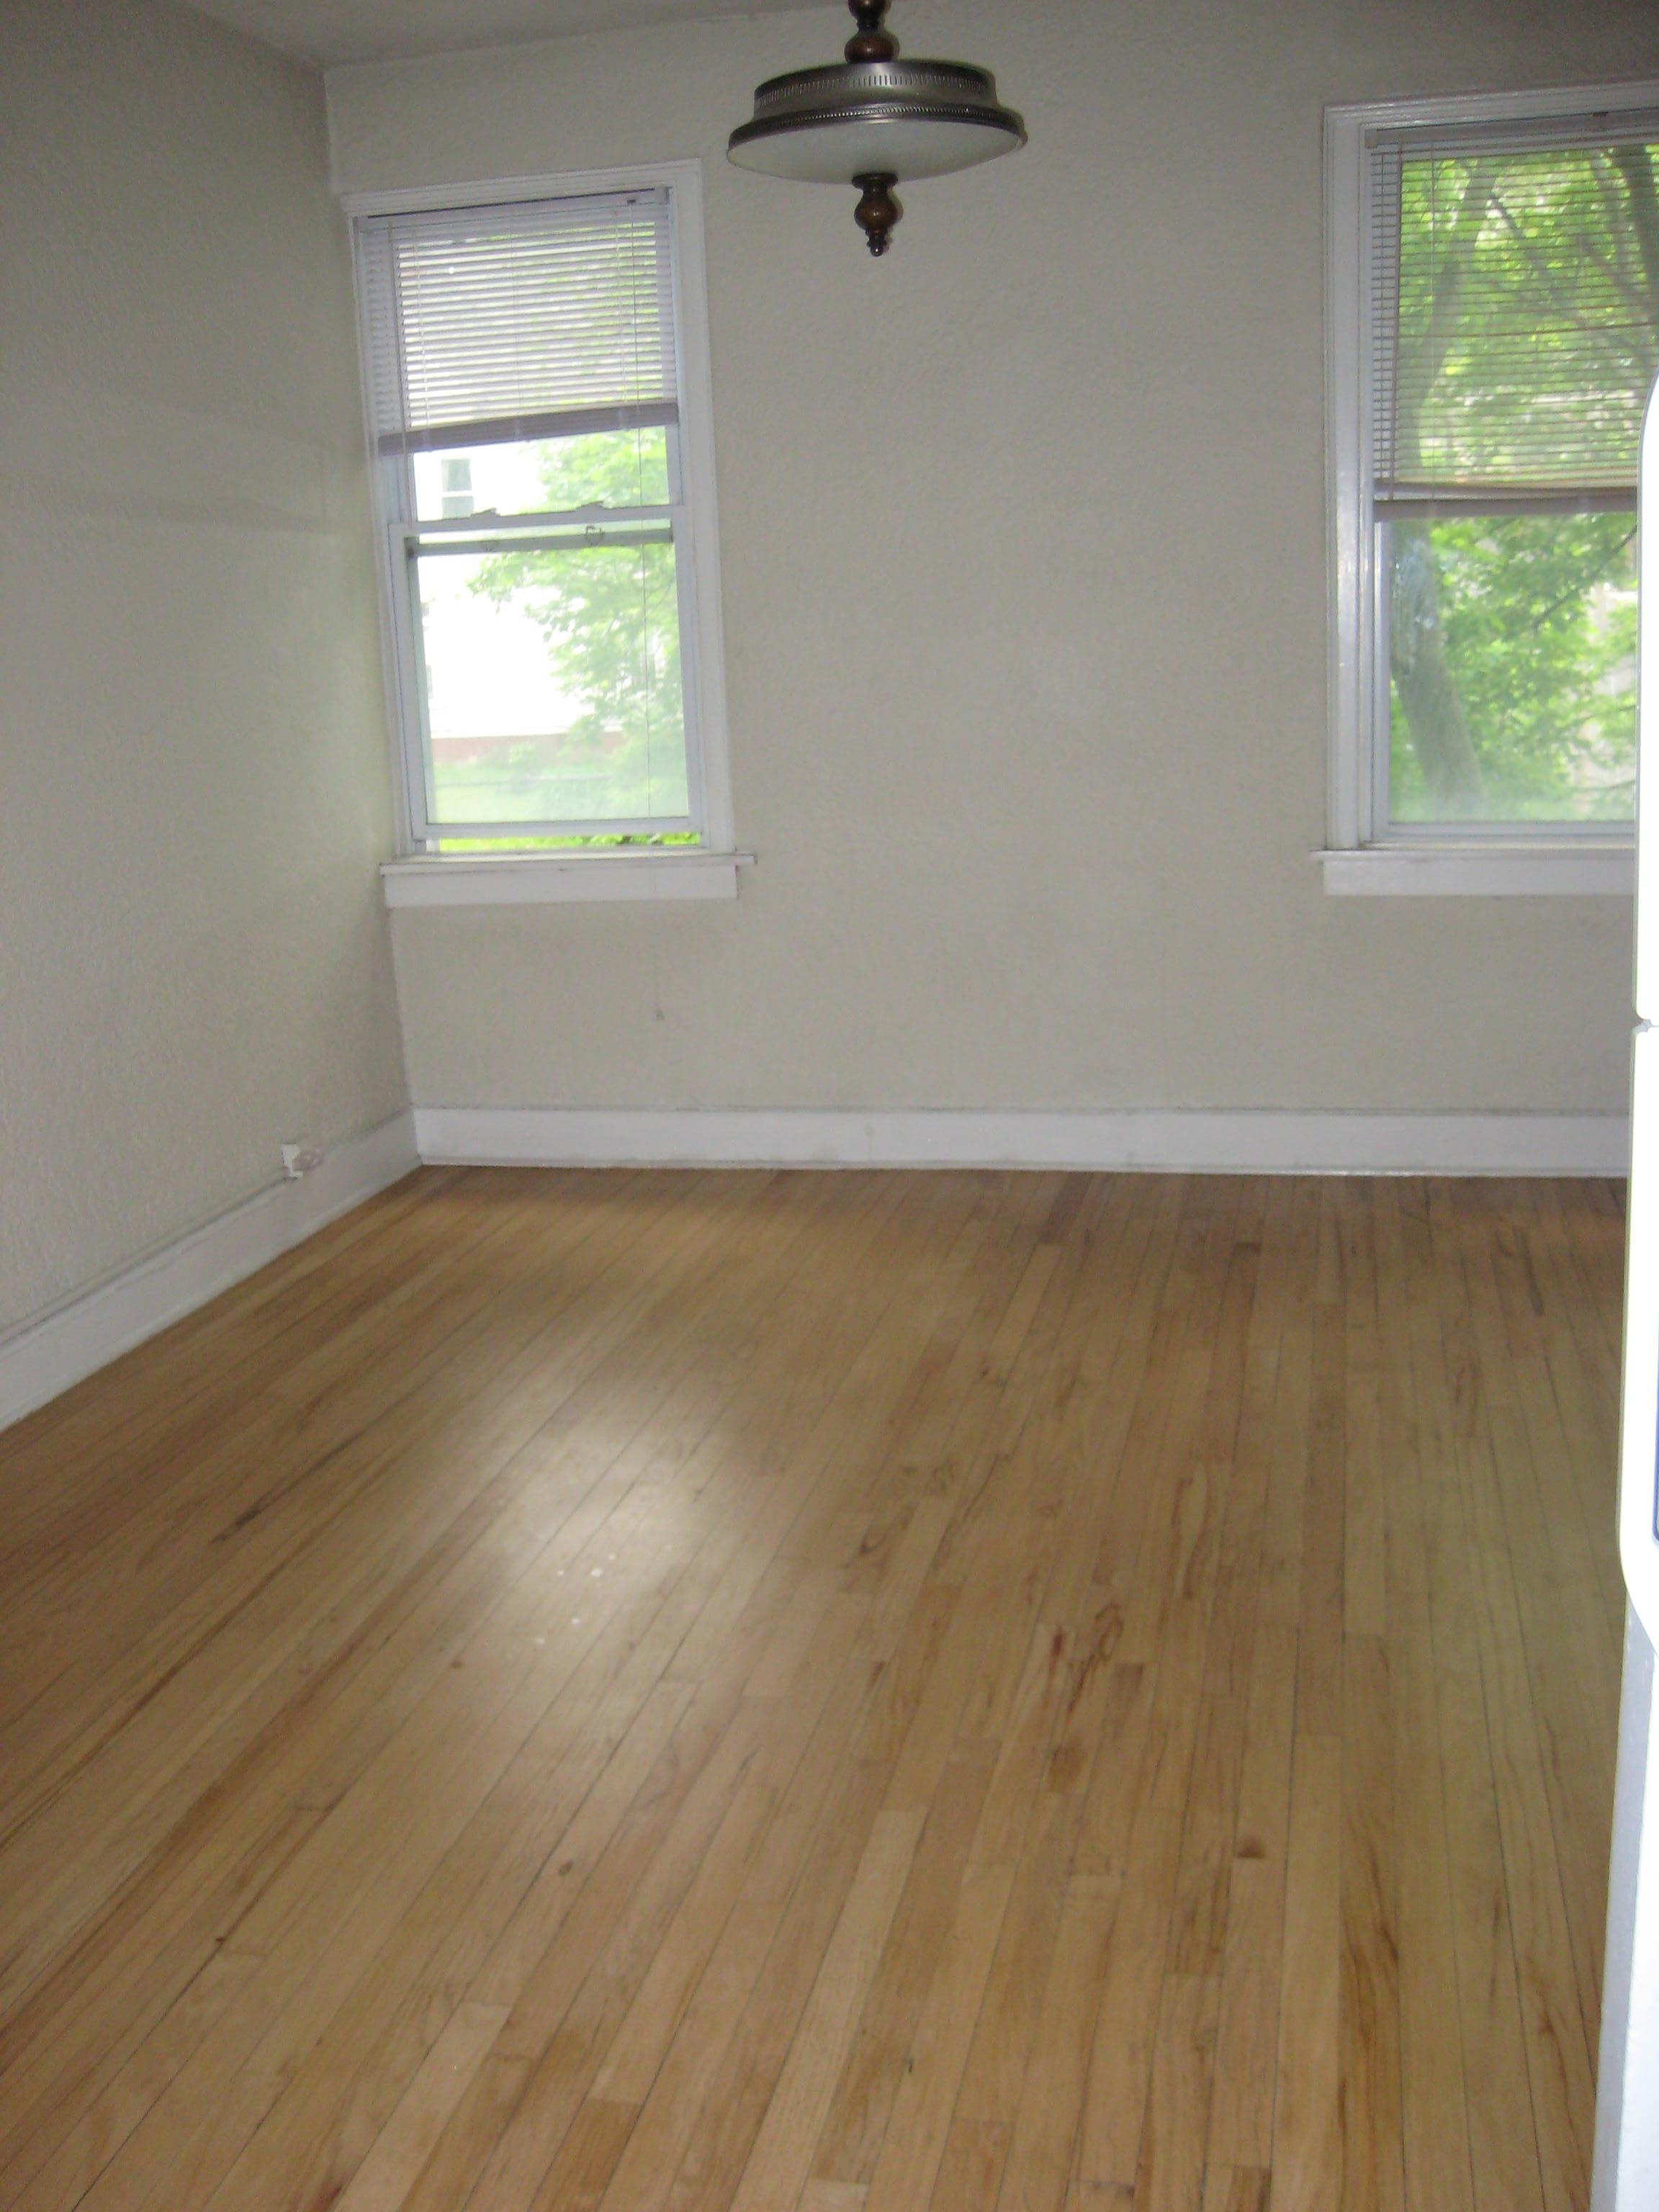 1301 East Genesee Street, Apt 302